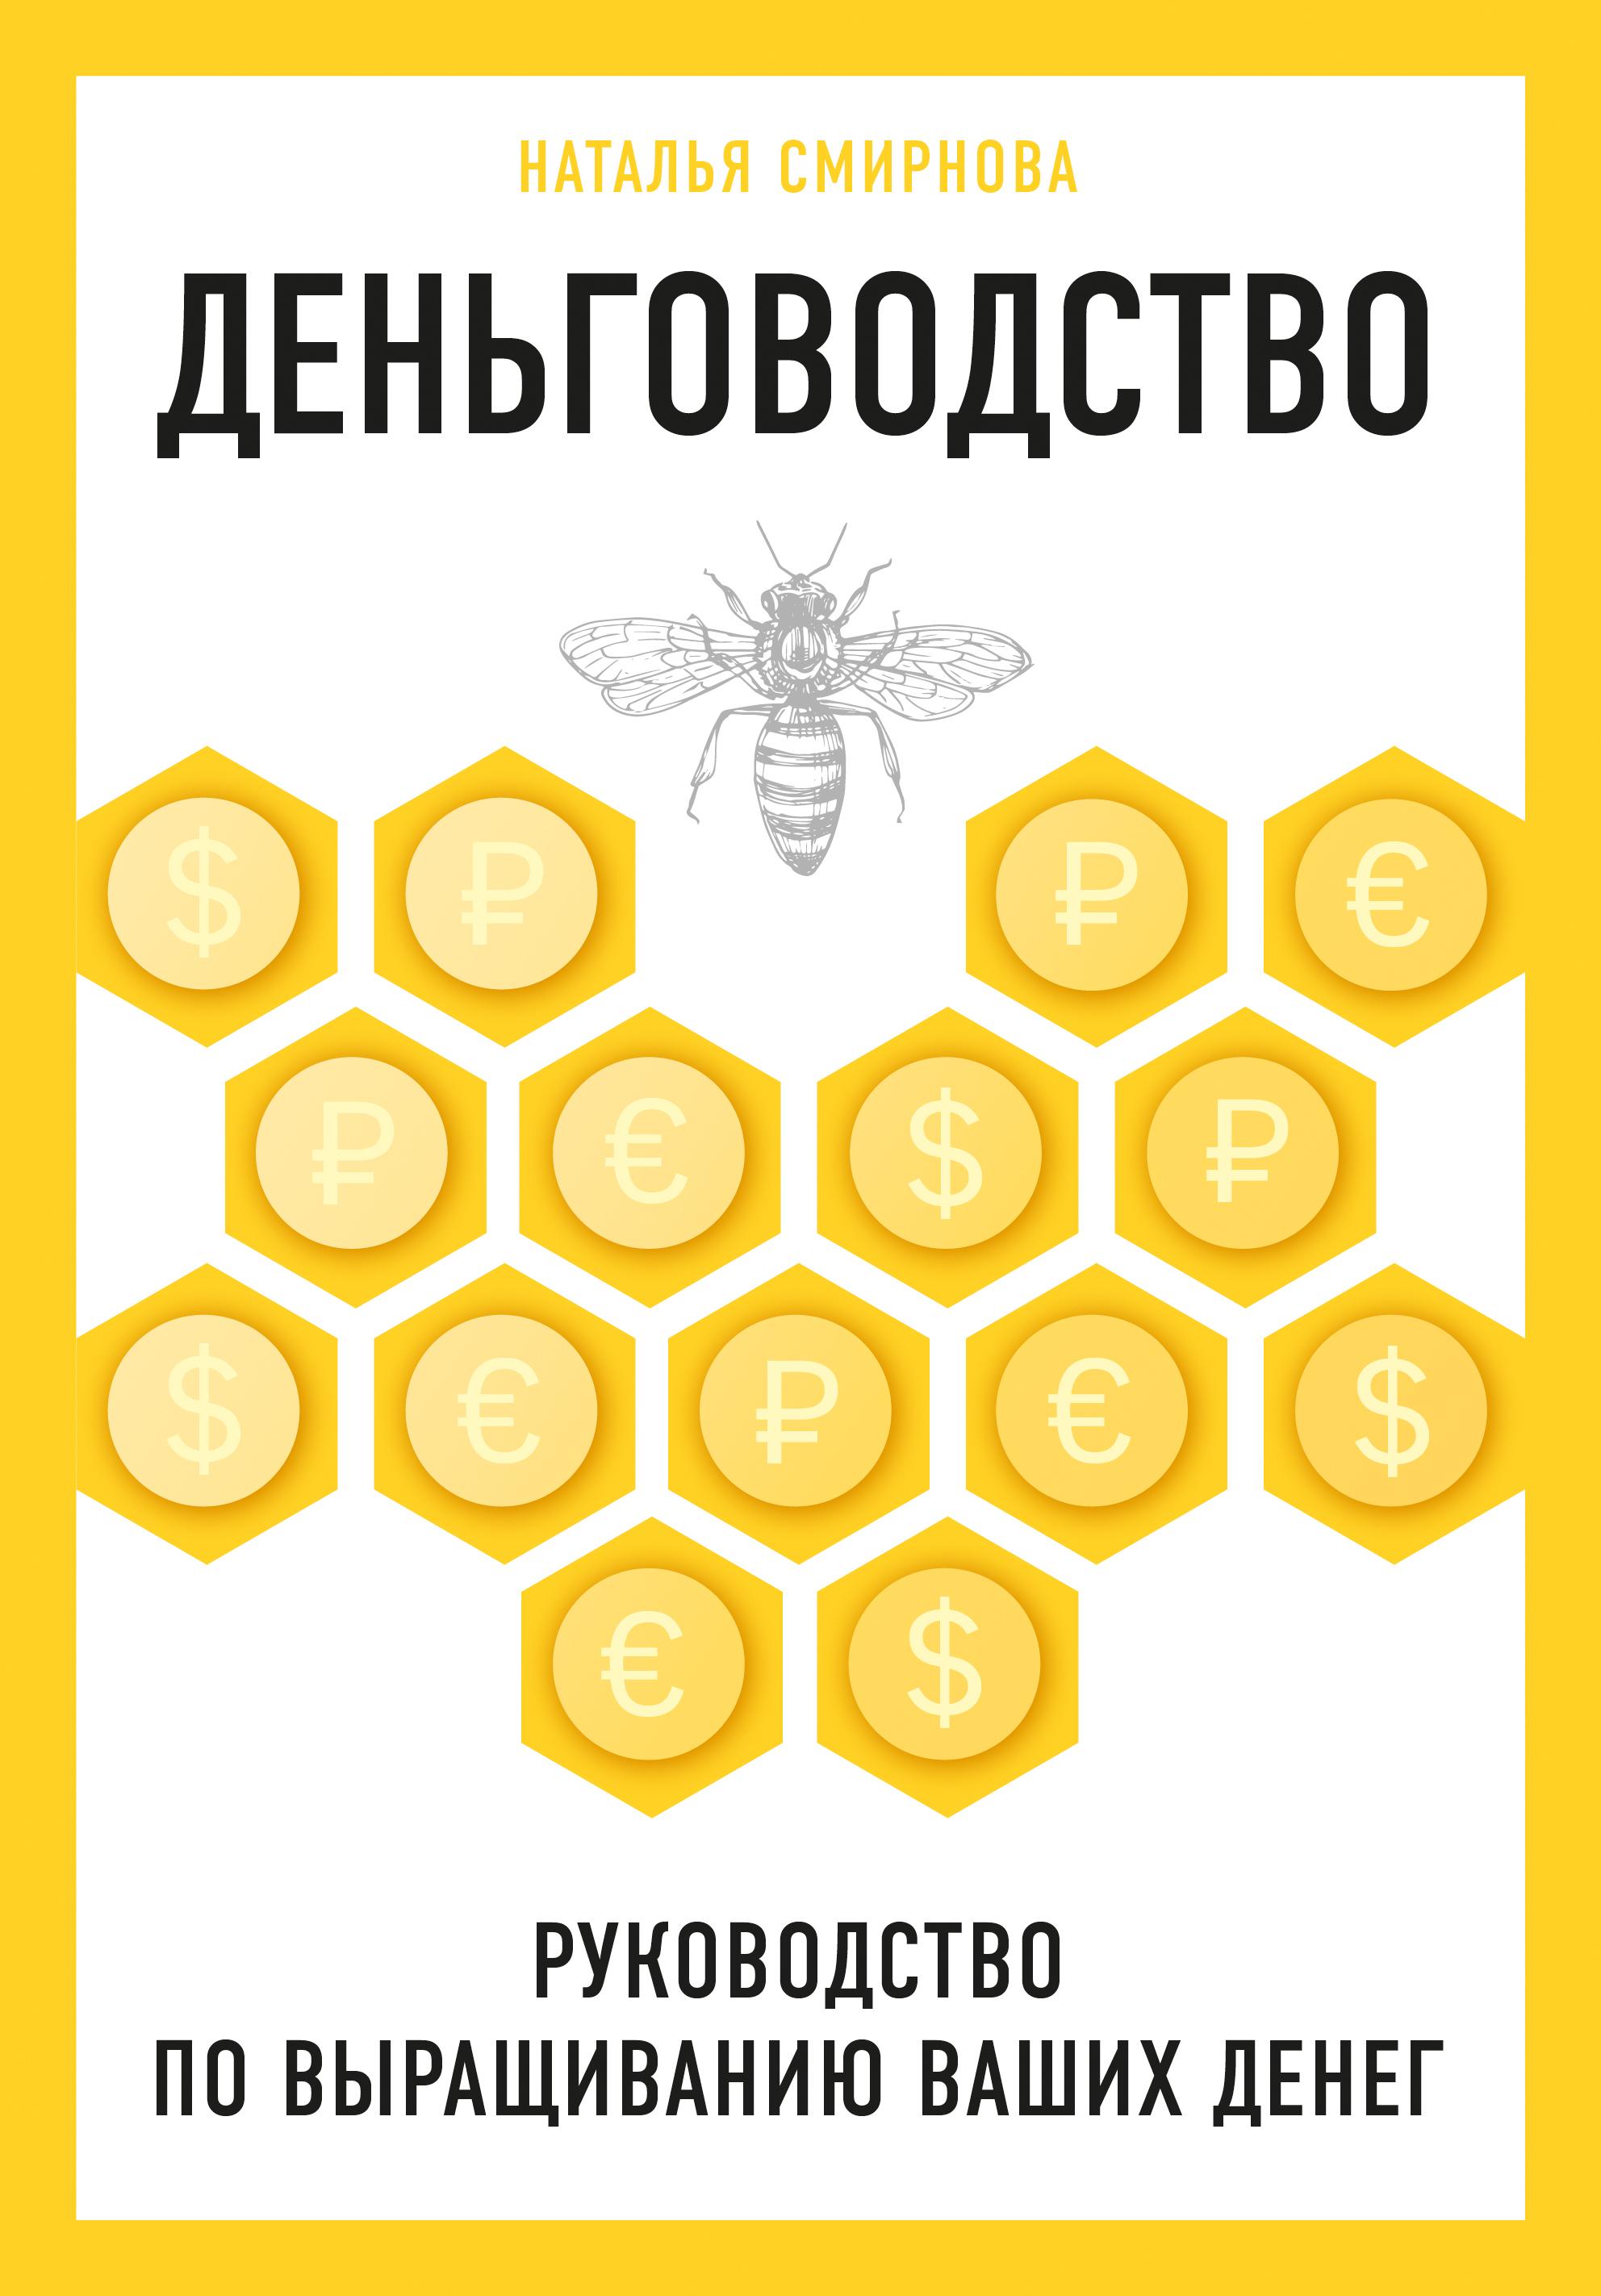 Купить книгу Деньговодство: руководство по выращиванию ваших денег, автора Н. Ю. Смирновой